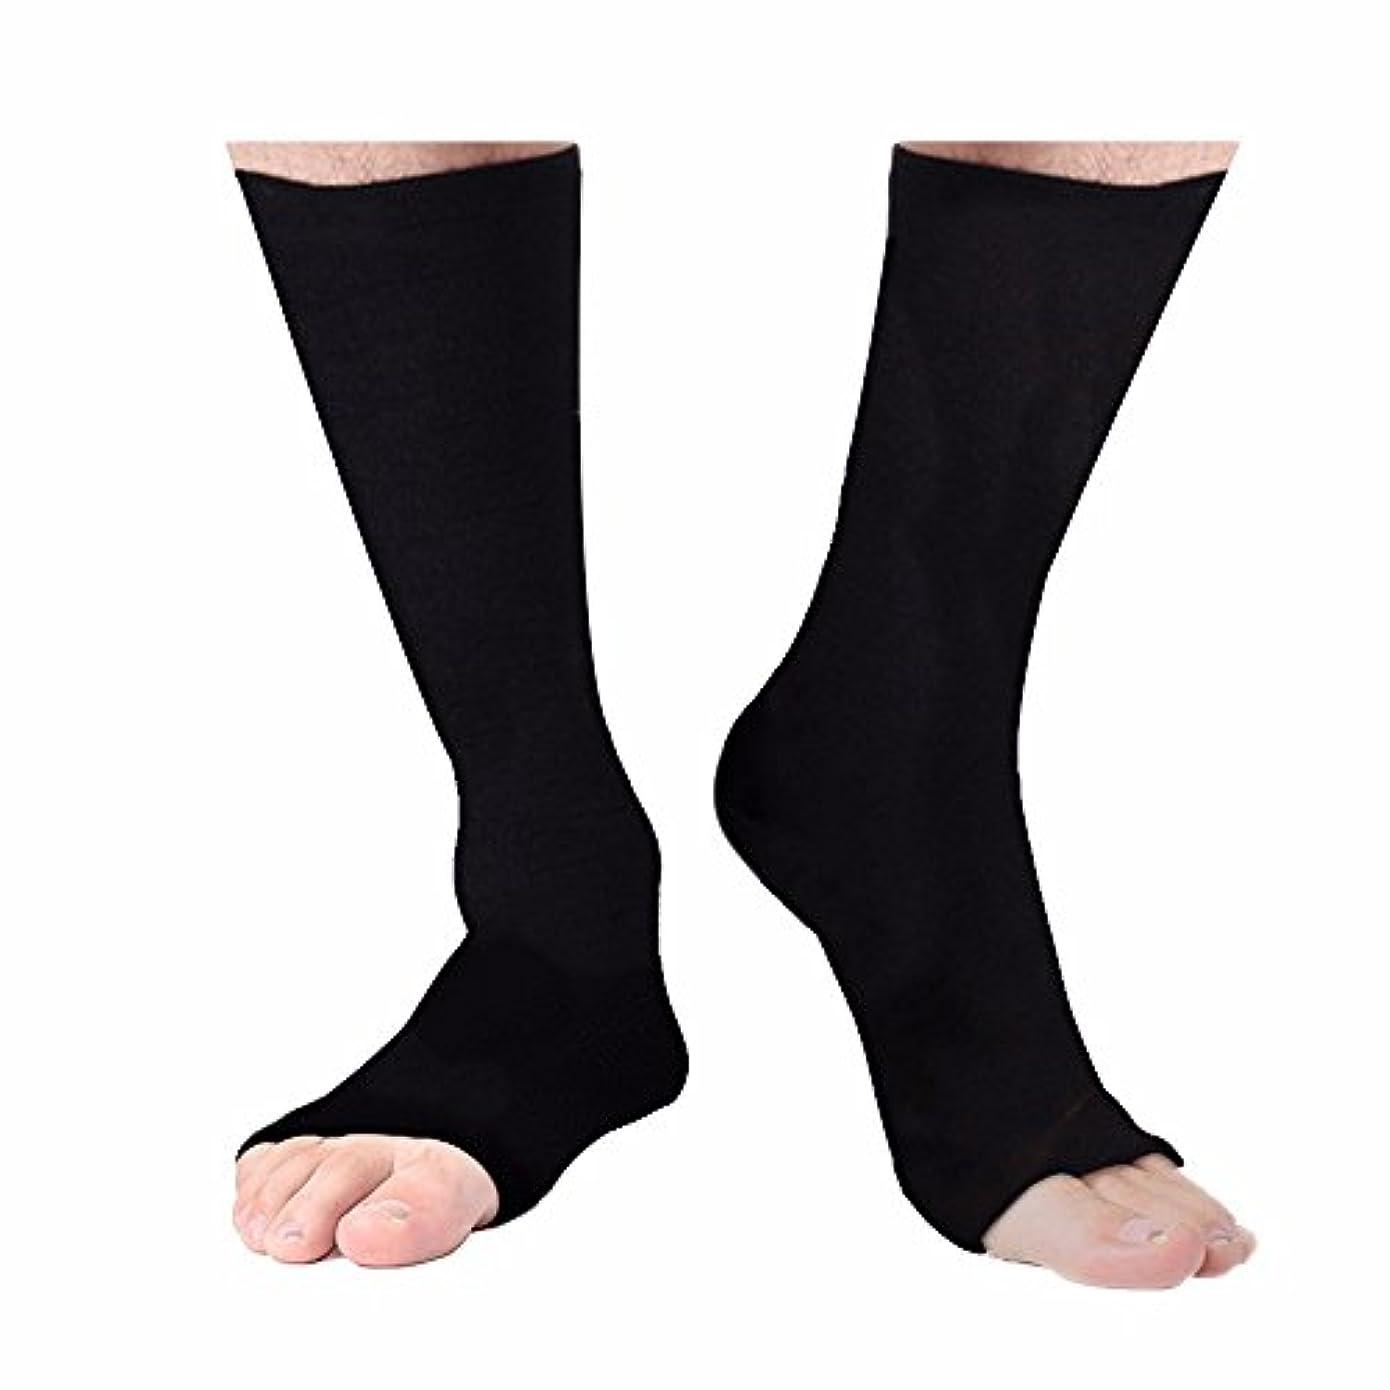 はさみ累計を除くYartar 着圧ソックス オープントゥ 段階圧力 ハイソックス 膝下 むくみ対策 男女兼用 Open Toe Pressure Socks (ブラック, L:35cm)